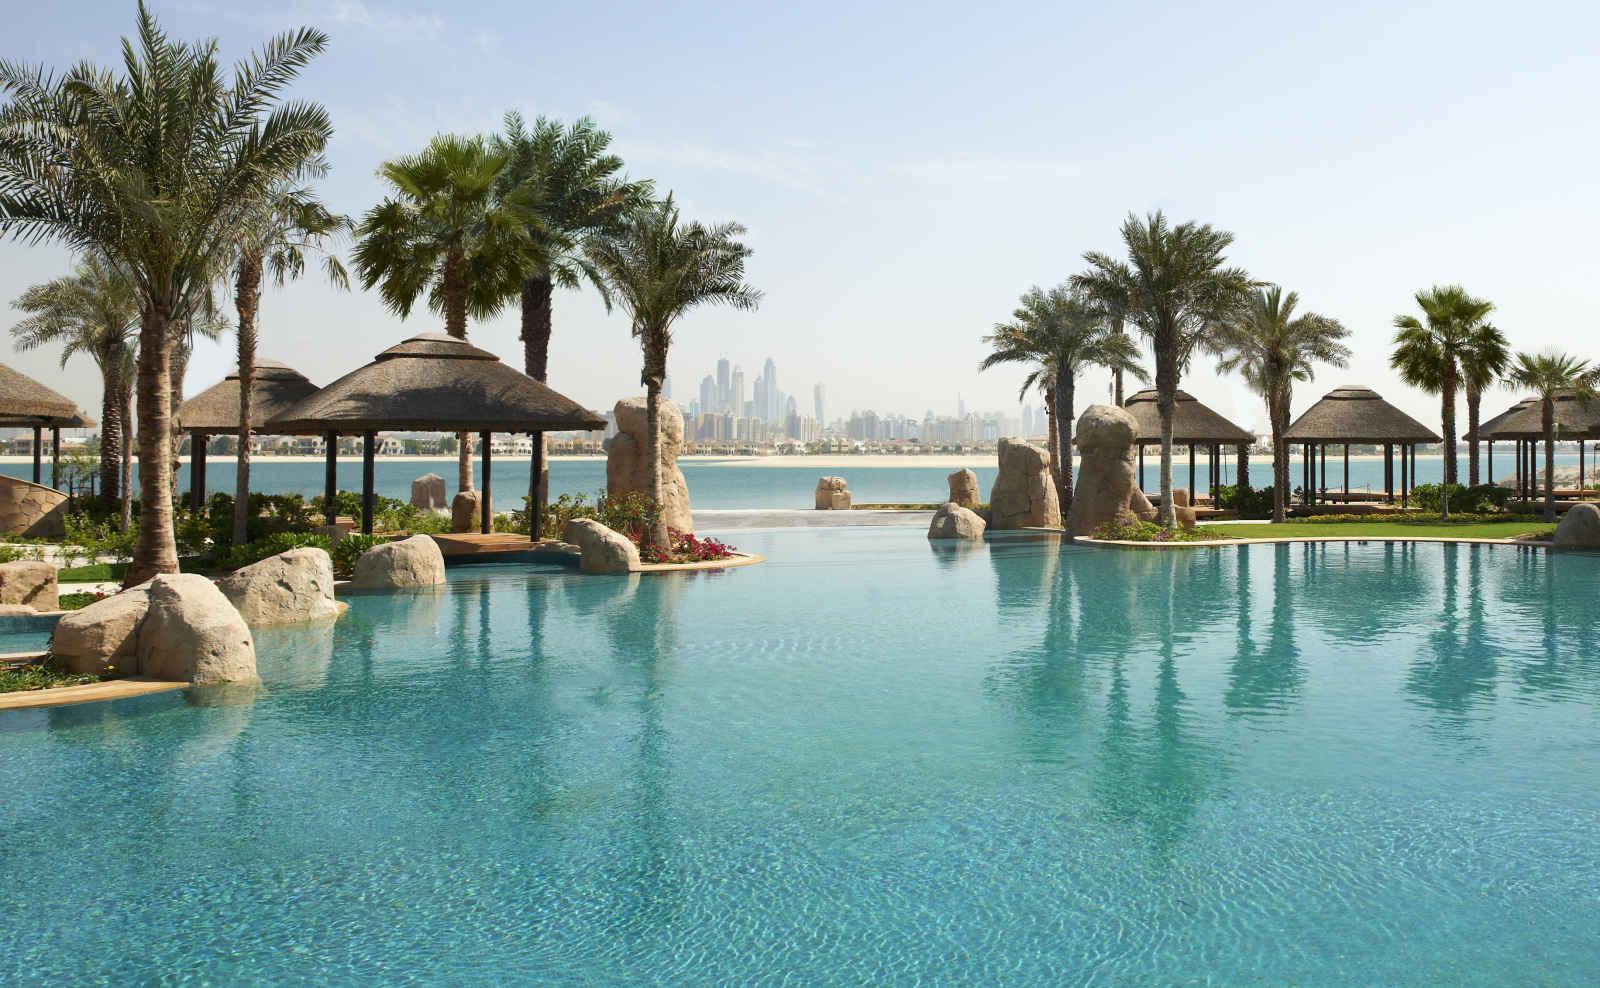 Séjour Dubai - Sofitel Dubai The Palm - 5*